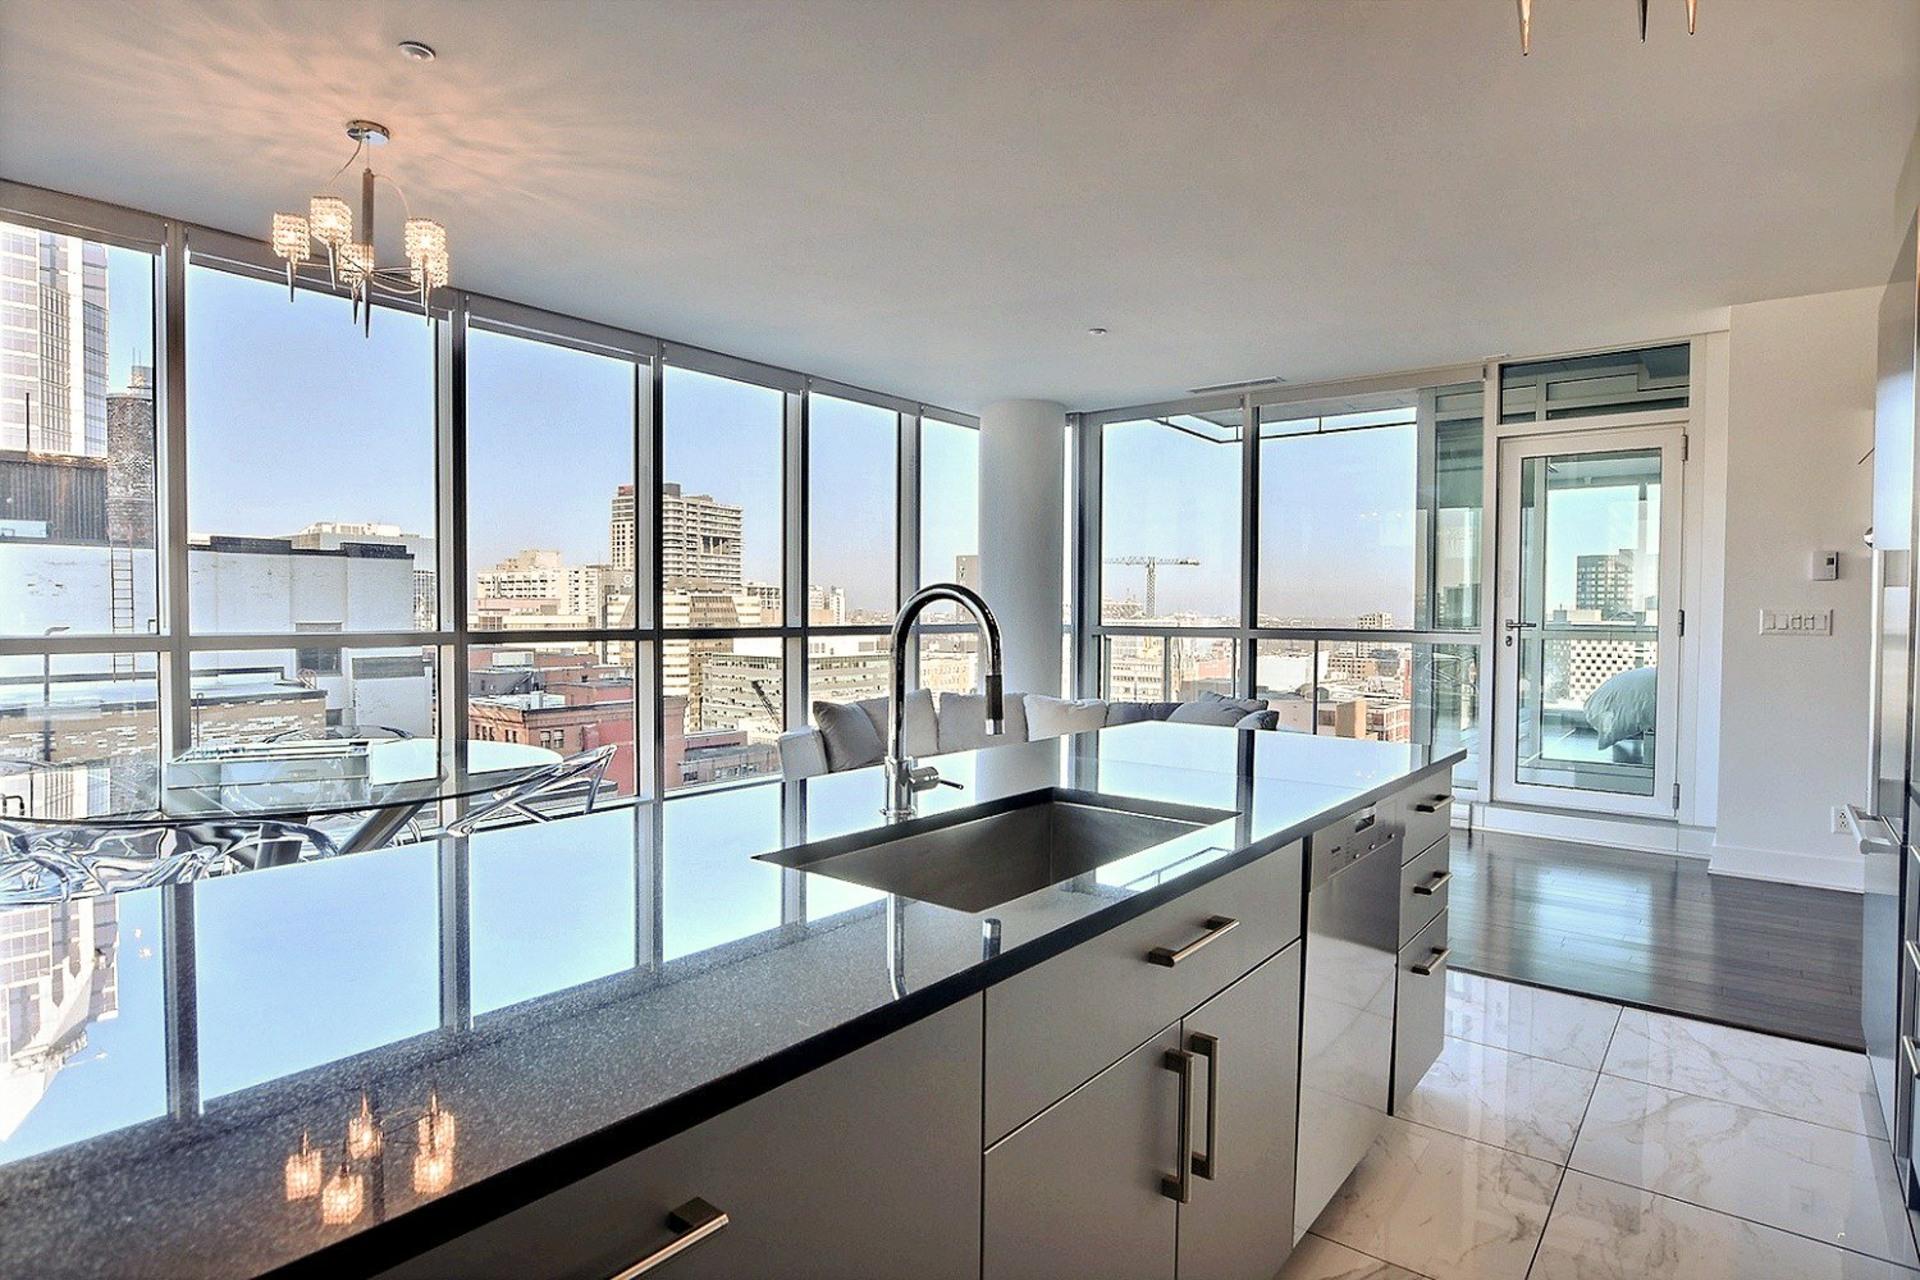 image 8 - Apartment For sale Montréal Ville-Marie  - 5 rooms